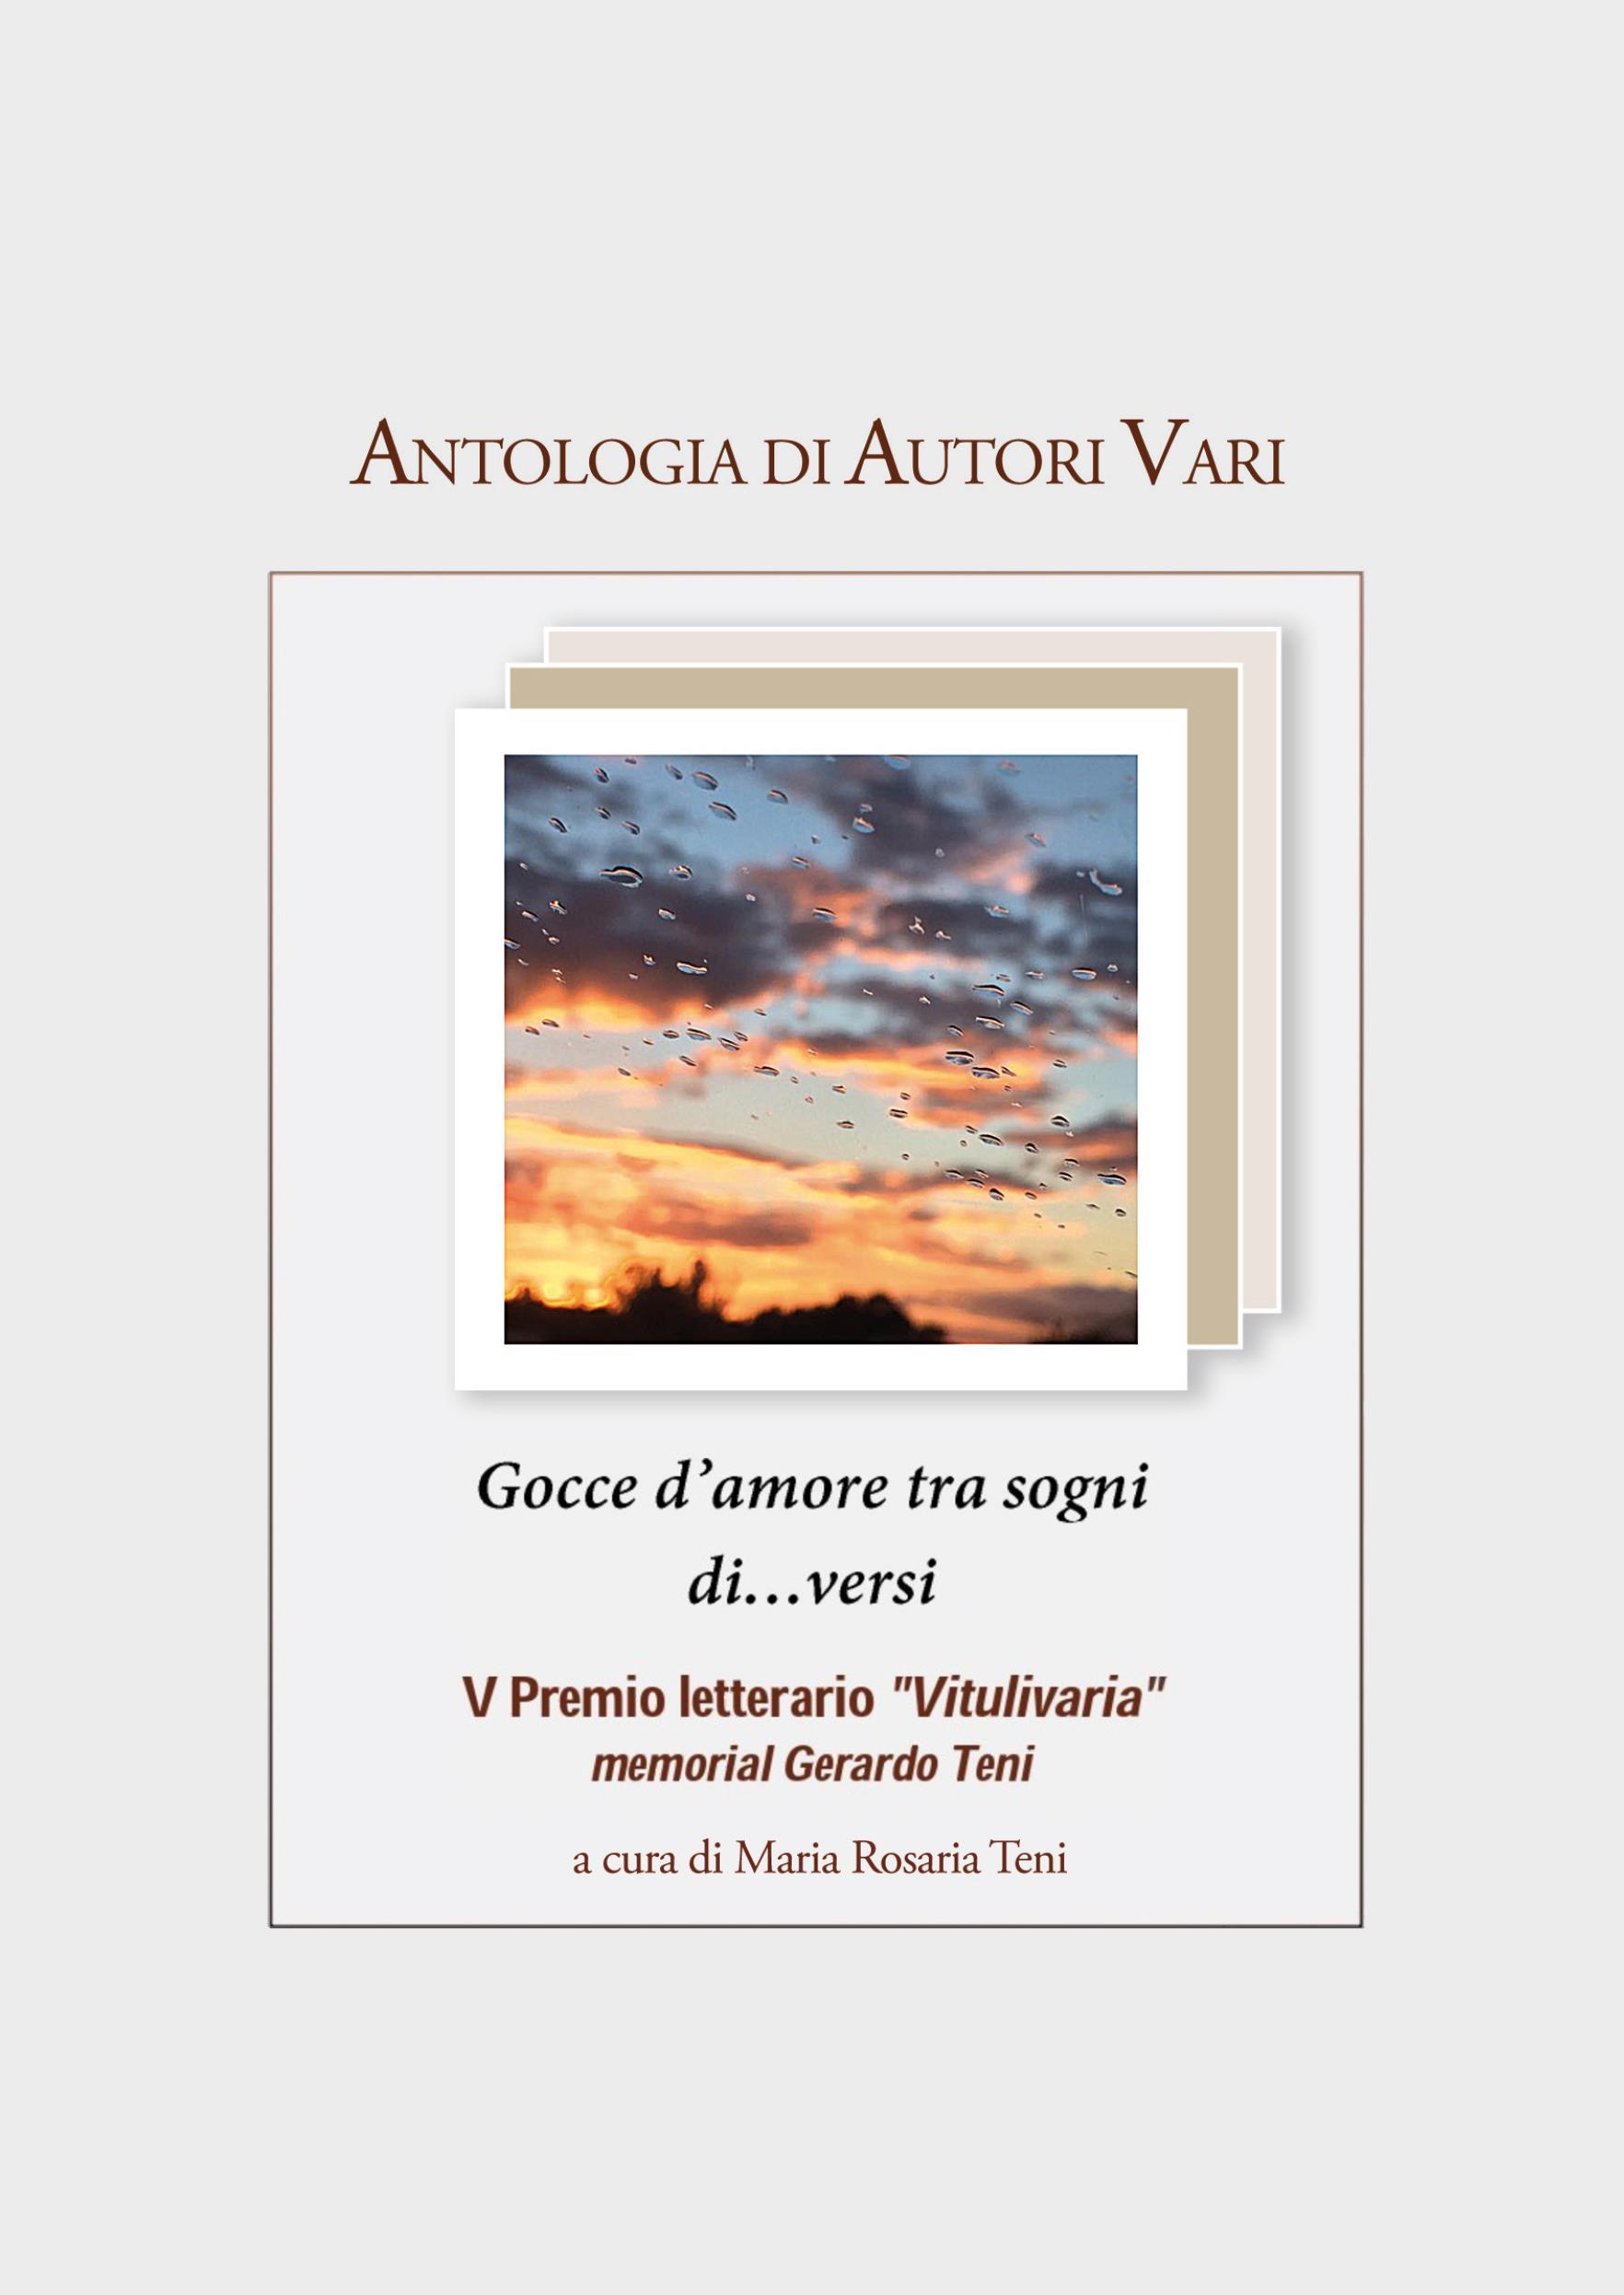 """Antologia AA.VV. """"Gocce d'amore tra sogni di…versi"""" - V Premio Vitulivaria"""